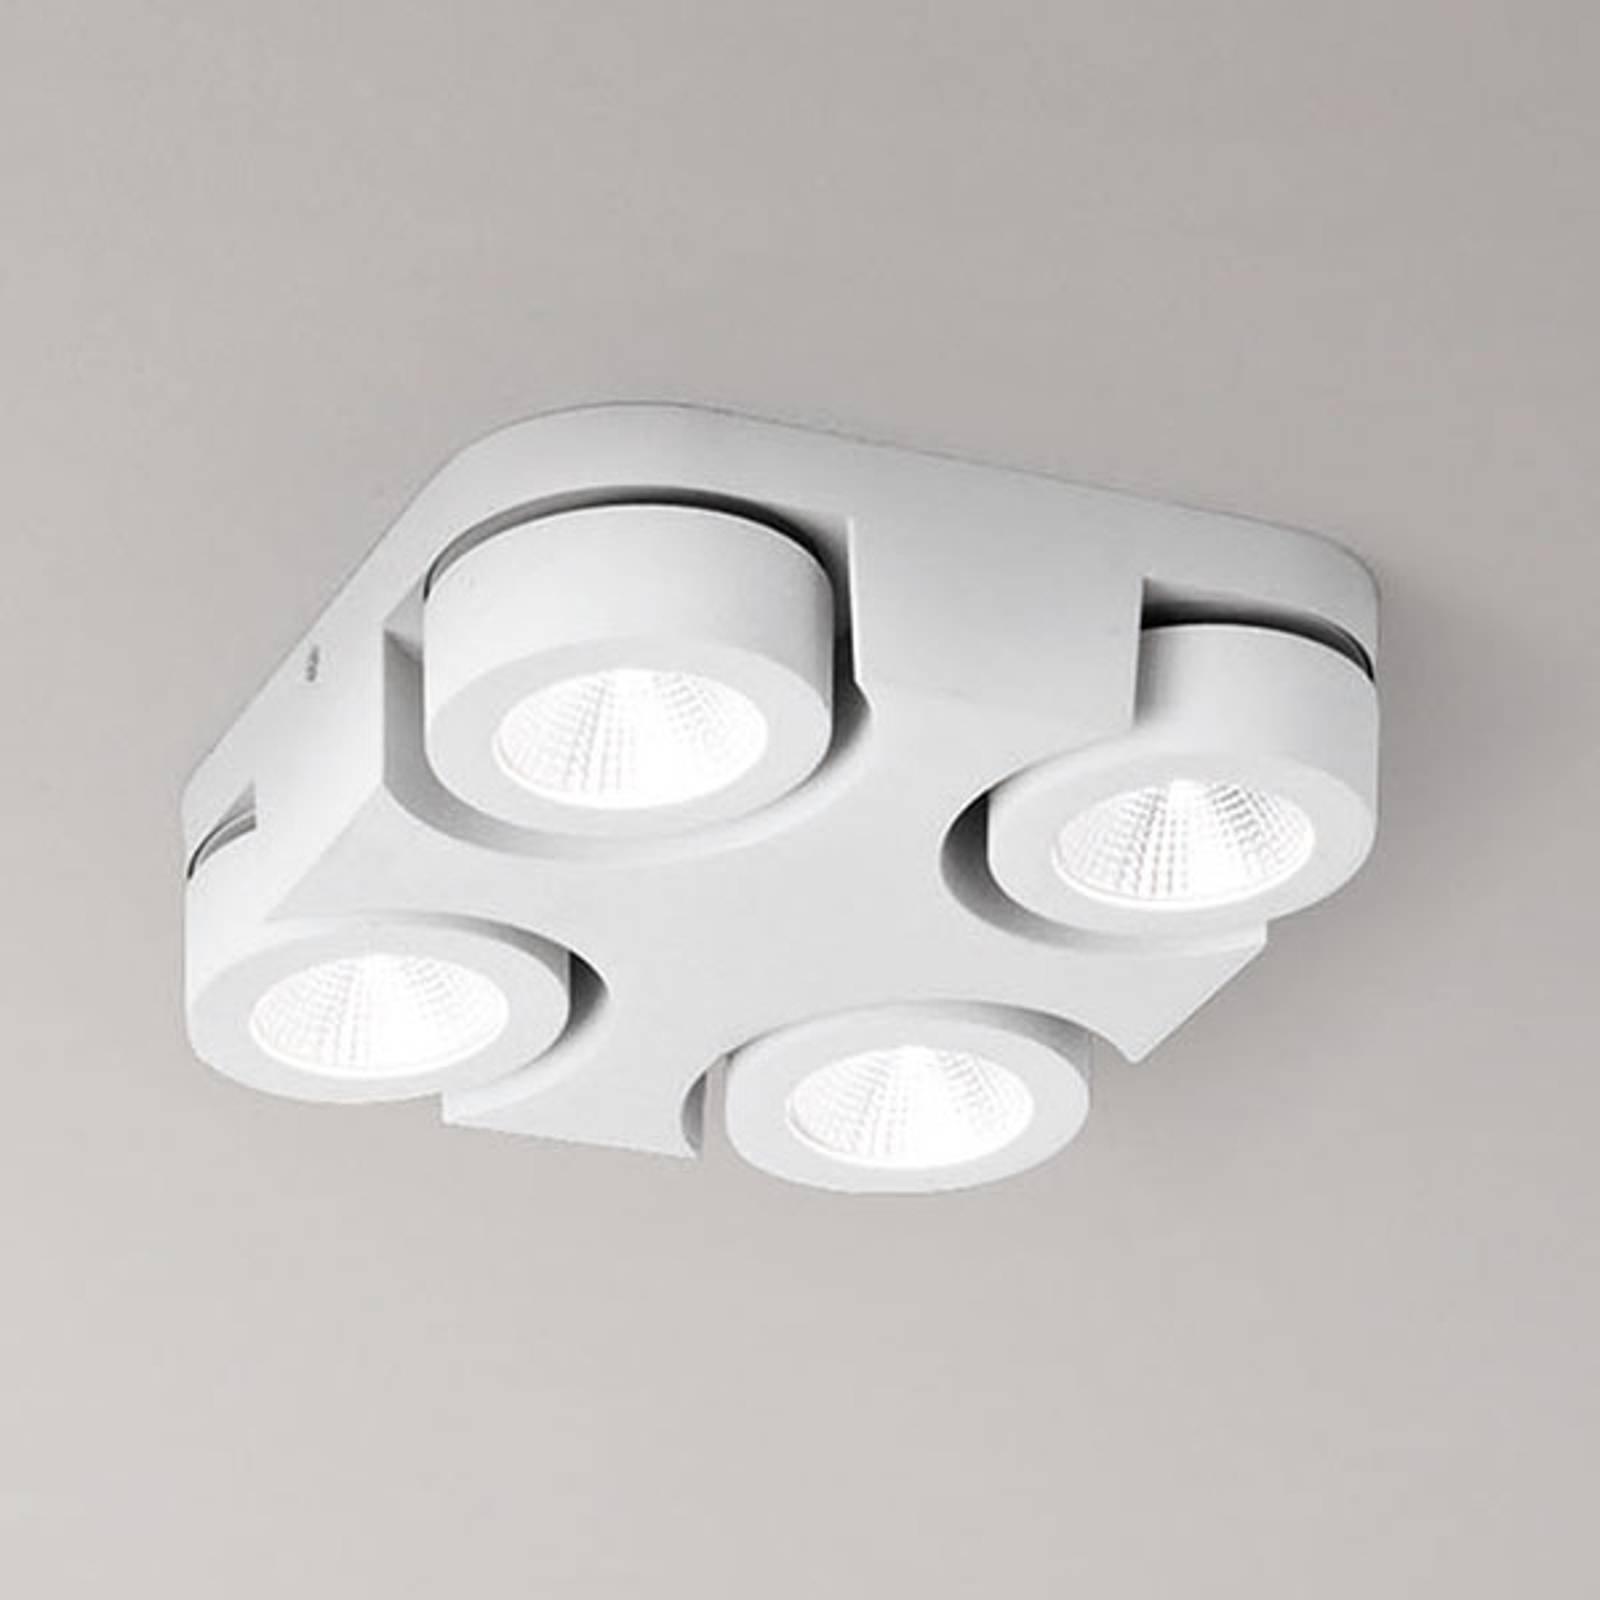 Kvadratisk LED-taklampe Hella